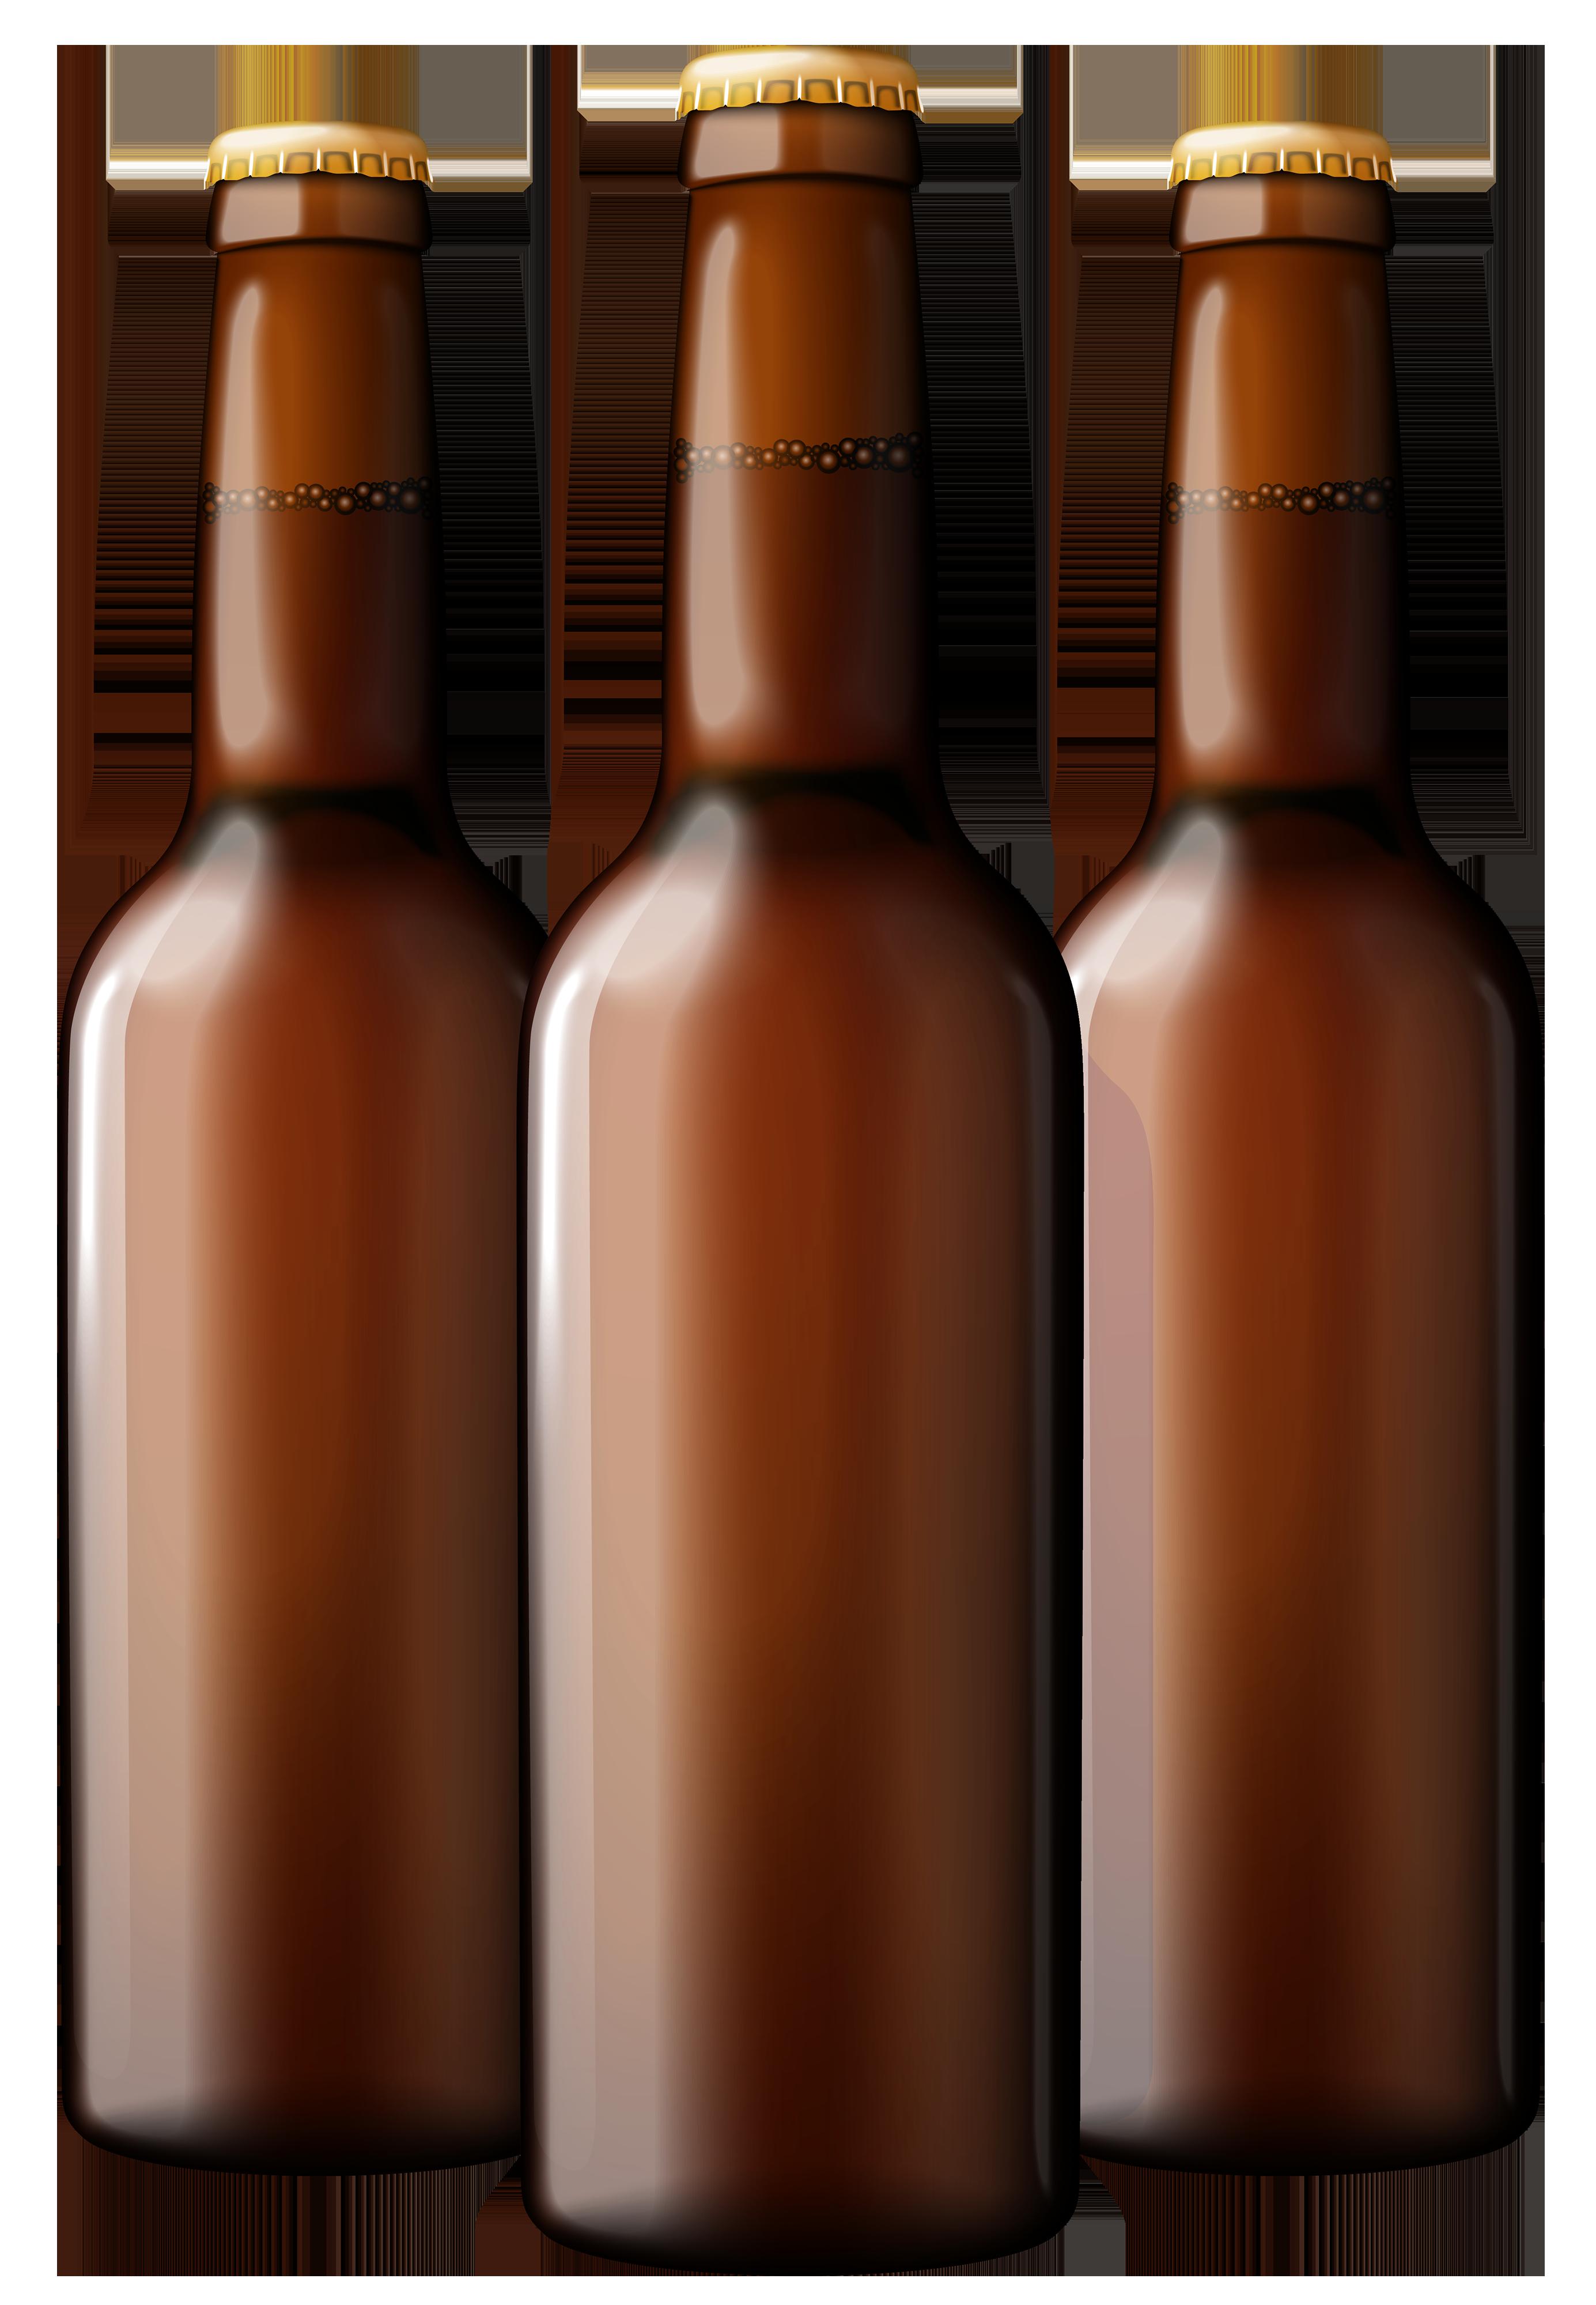 Brown beer bottles png. Good clipart transparent background